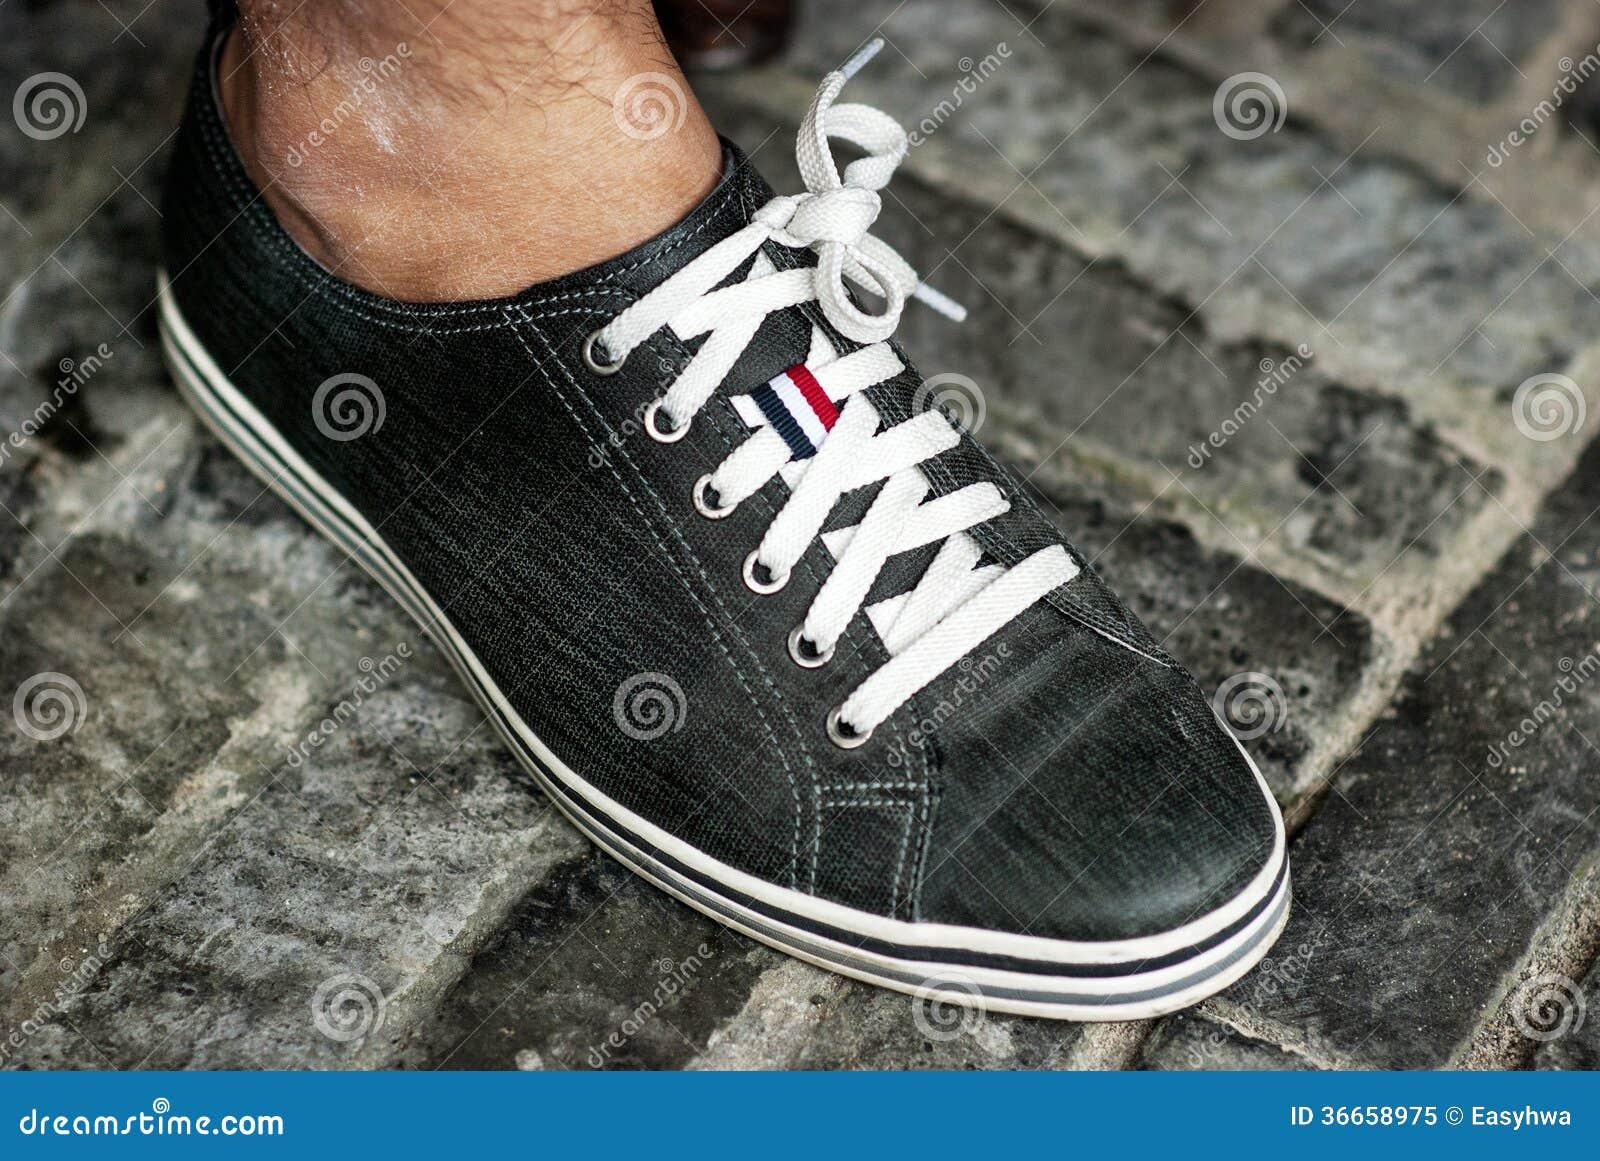 fot och sko